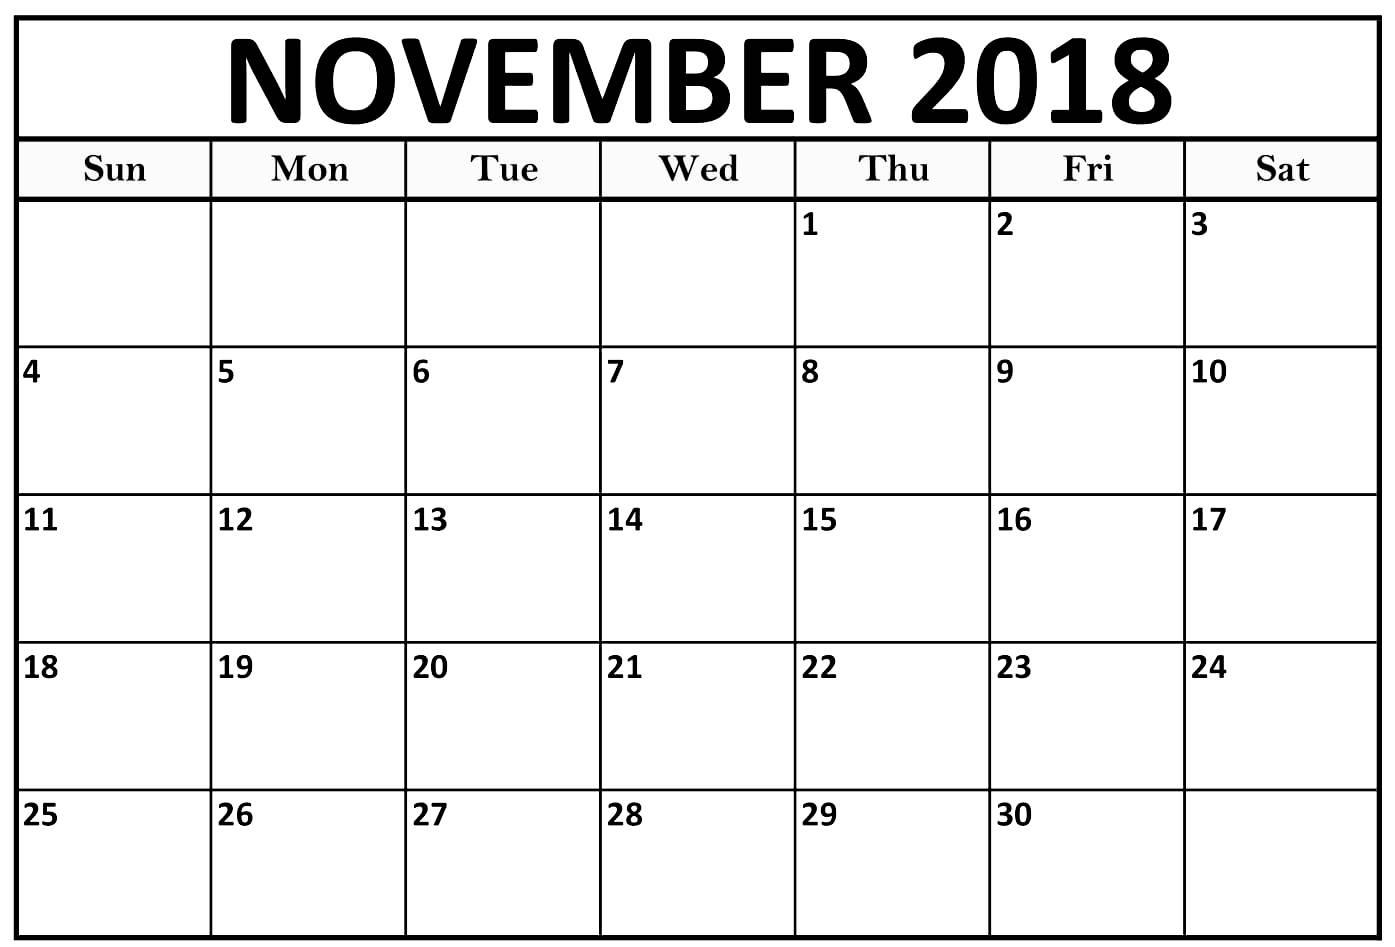 November Calendar 2018 In Pdf, Word, Excel Printable Template in Nov Calendar Printable Template